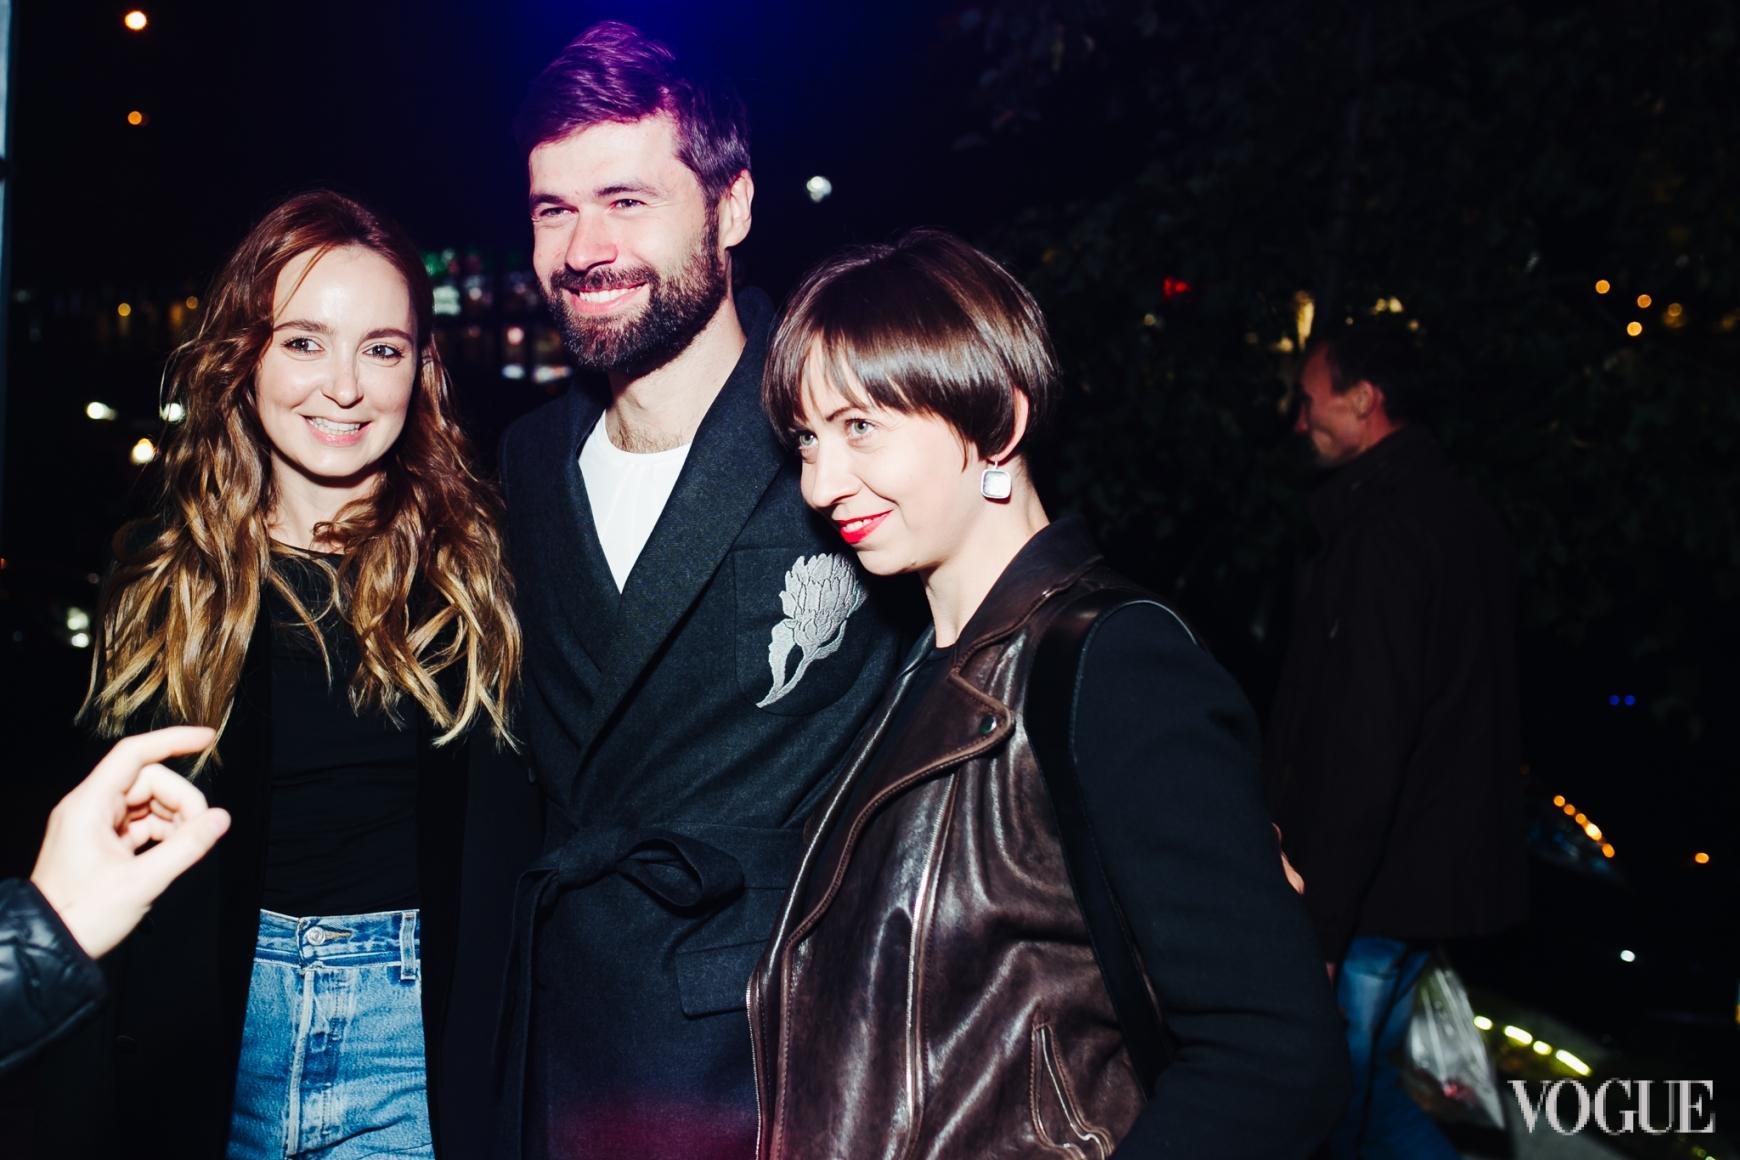 Анастасия Рябоконь, Владимир Задирака и Олеся Кононова